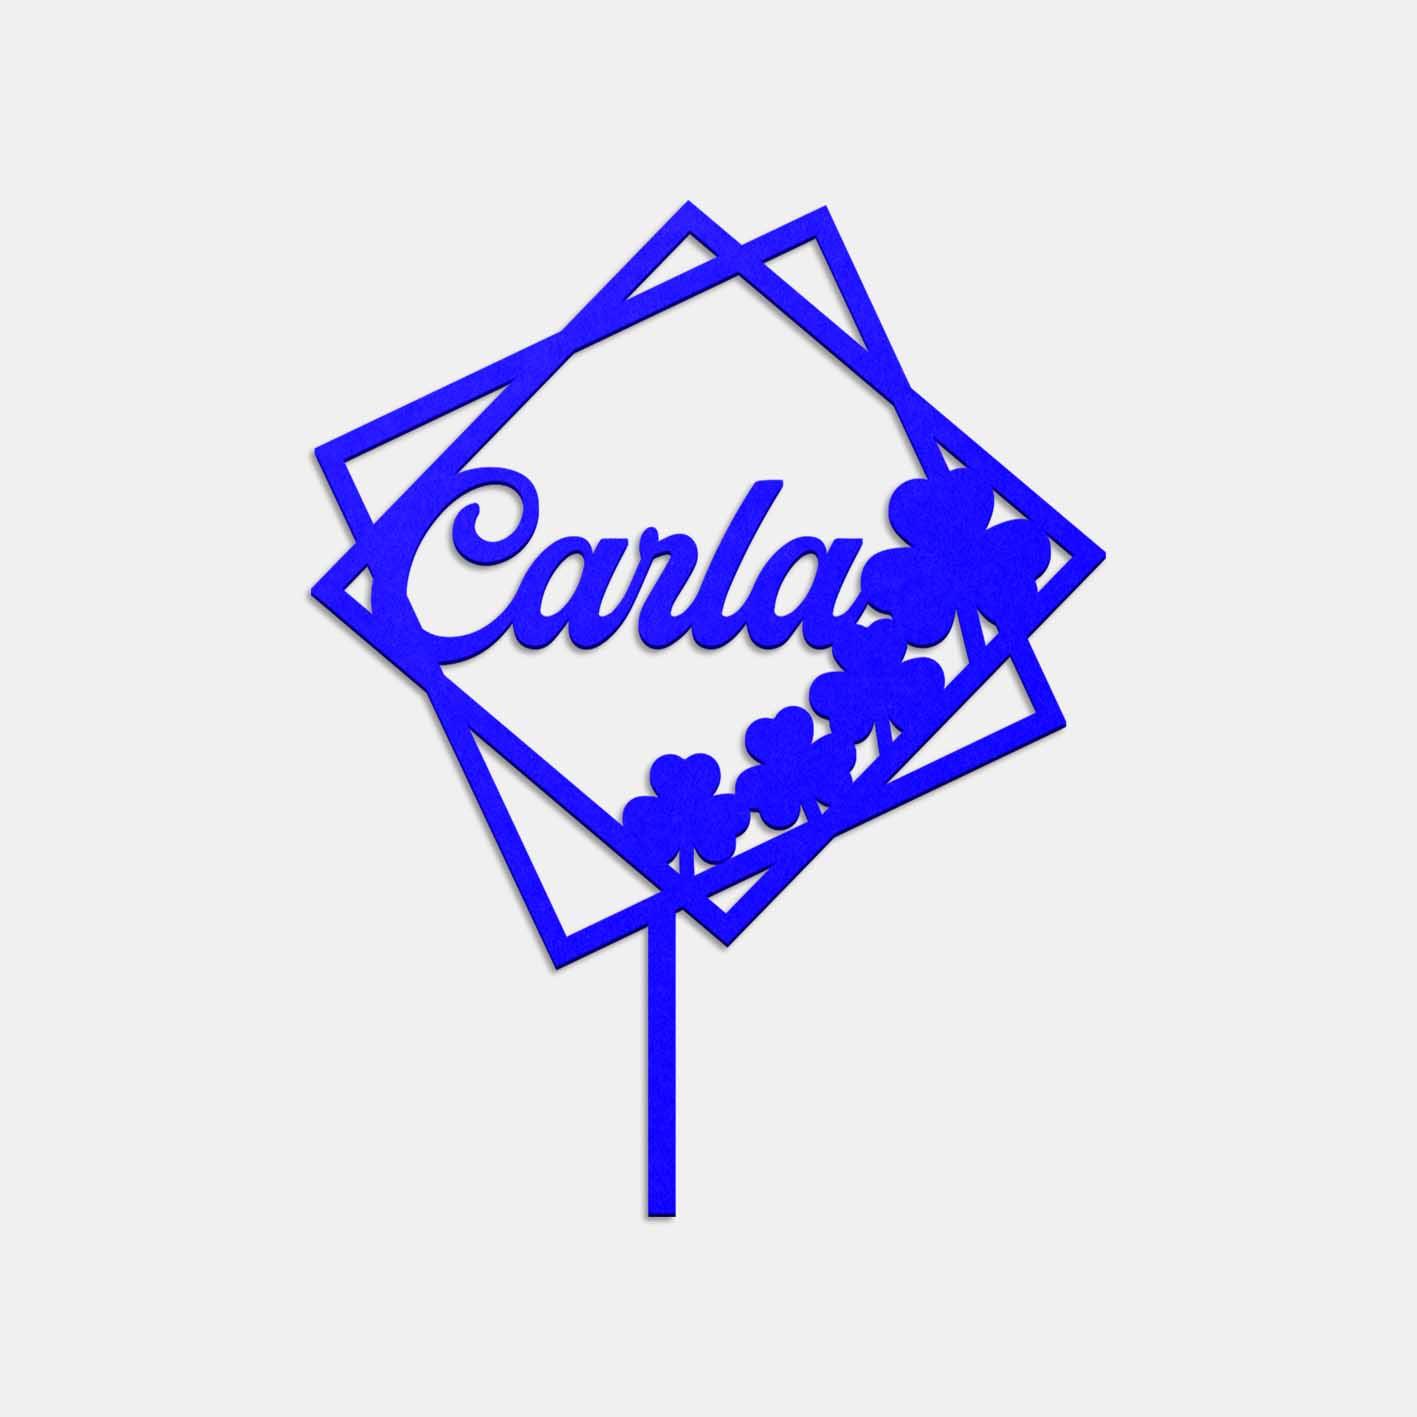 Topper de acrílico con diseño cuadrado y trébol de Lima Corte Láser